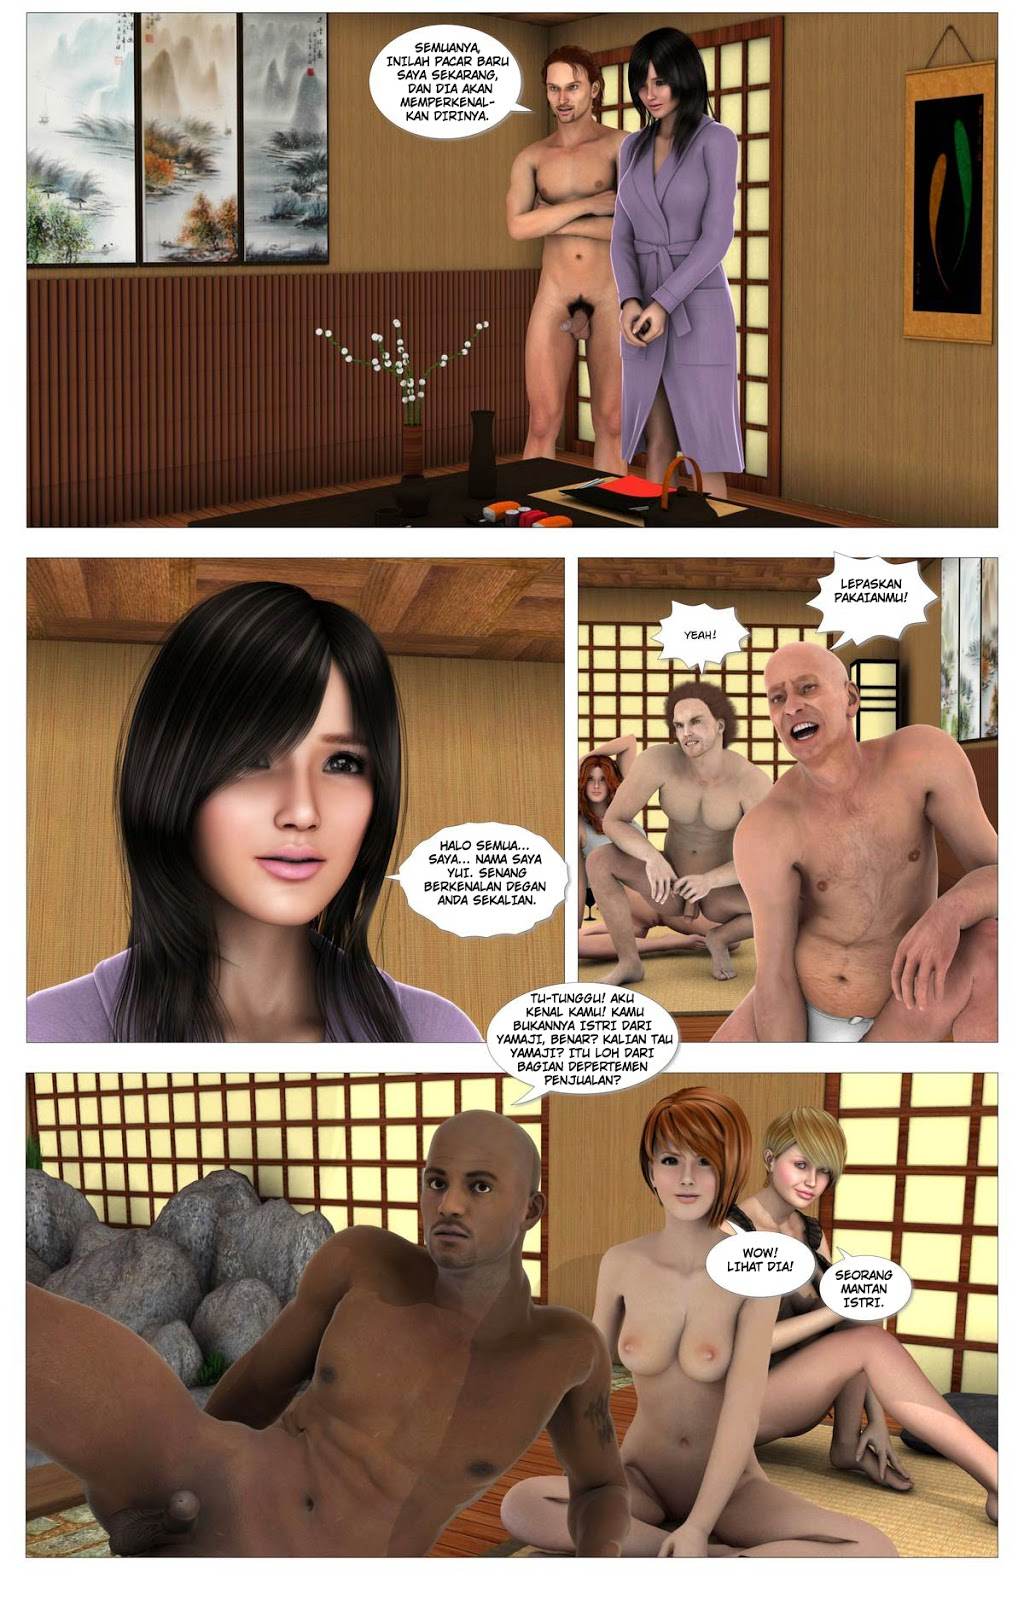 Komik Hentai Violet Off Ch5 Terlahir Kembali